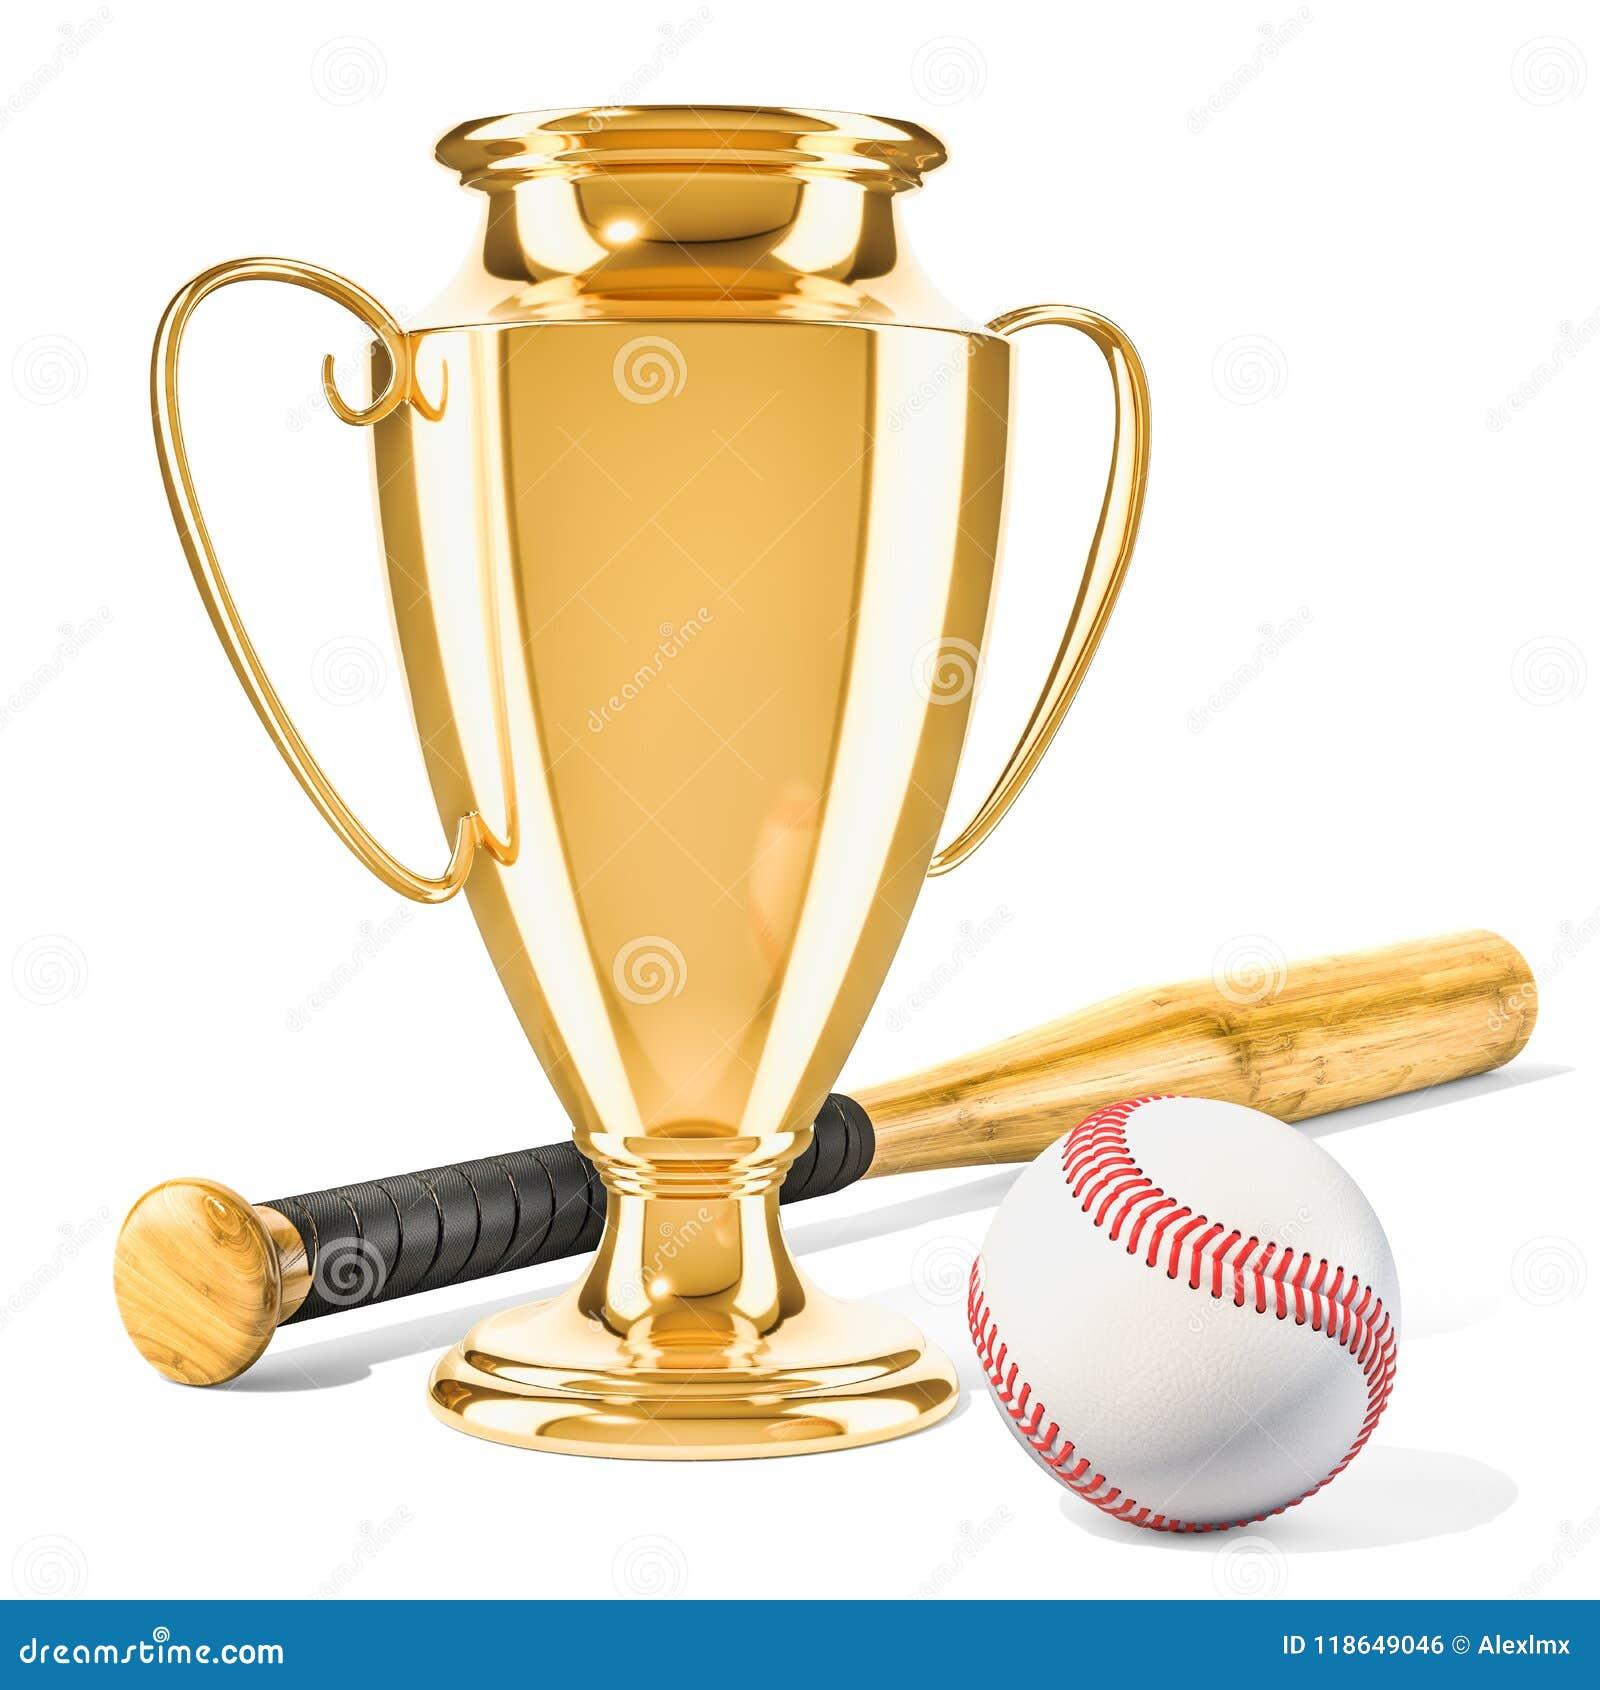 Premio De La Taza Del Trofeo Del Oro Con La Bola Y El Palo 1fe21d9546709